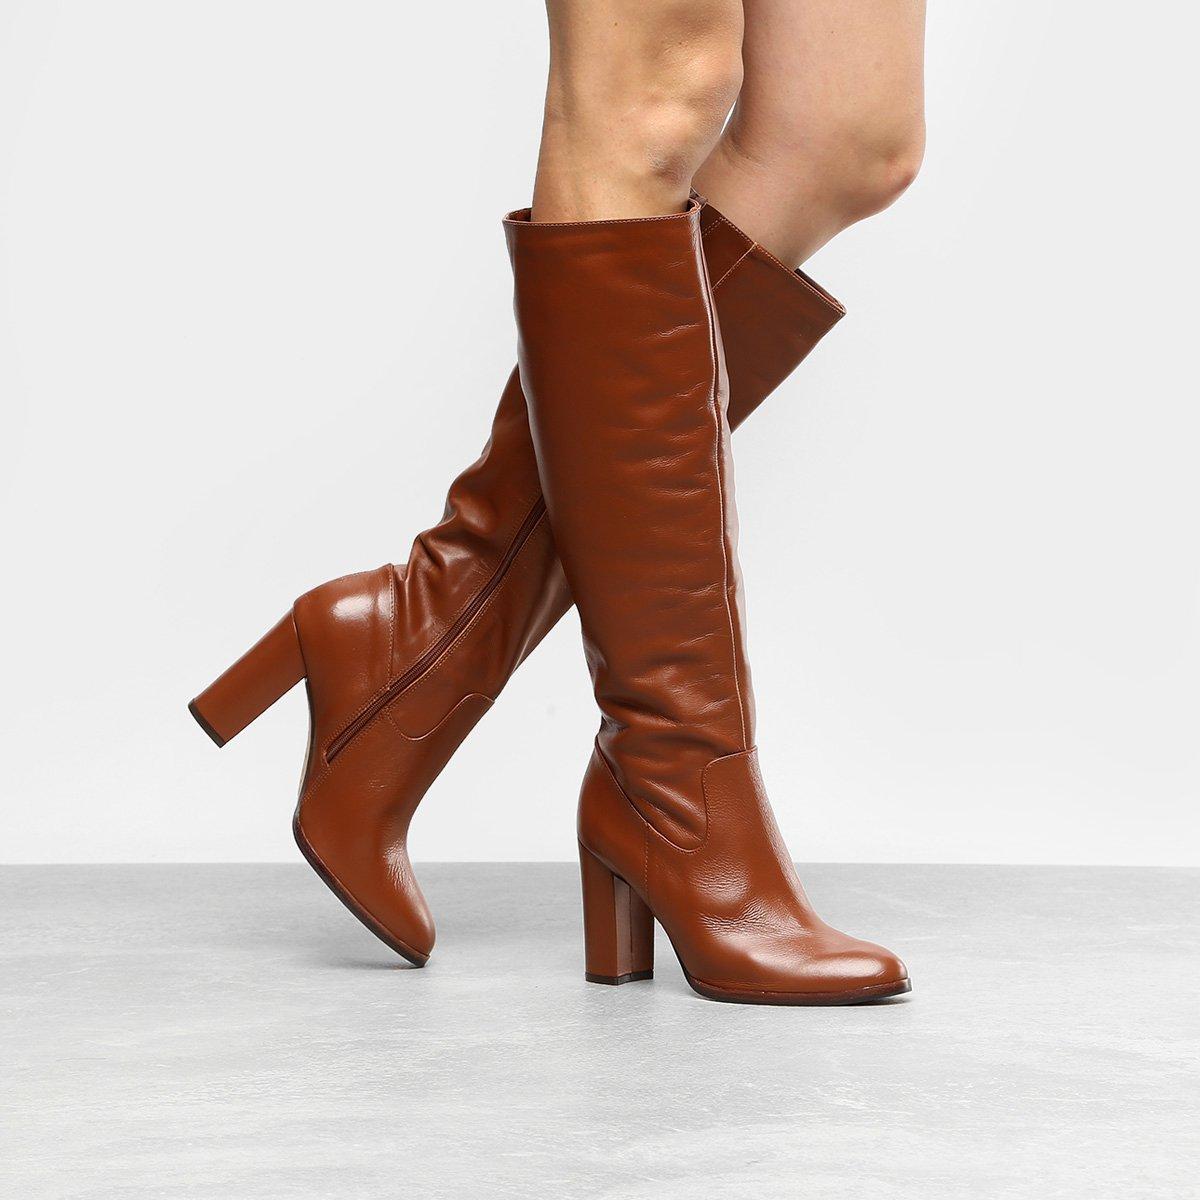 30ec05765c Bota Couro Cano Longo Shoestock Salto Grosso Feminina - Marrom | Shoestock